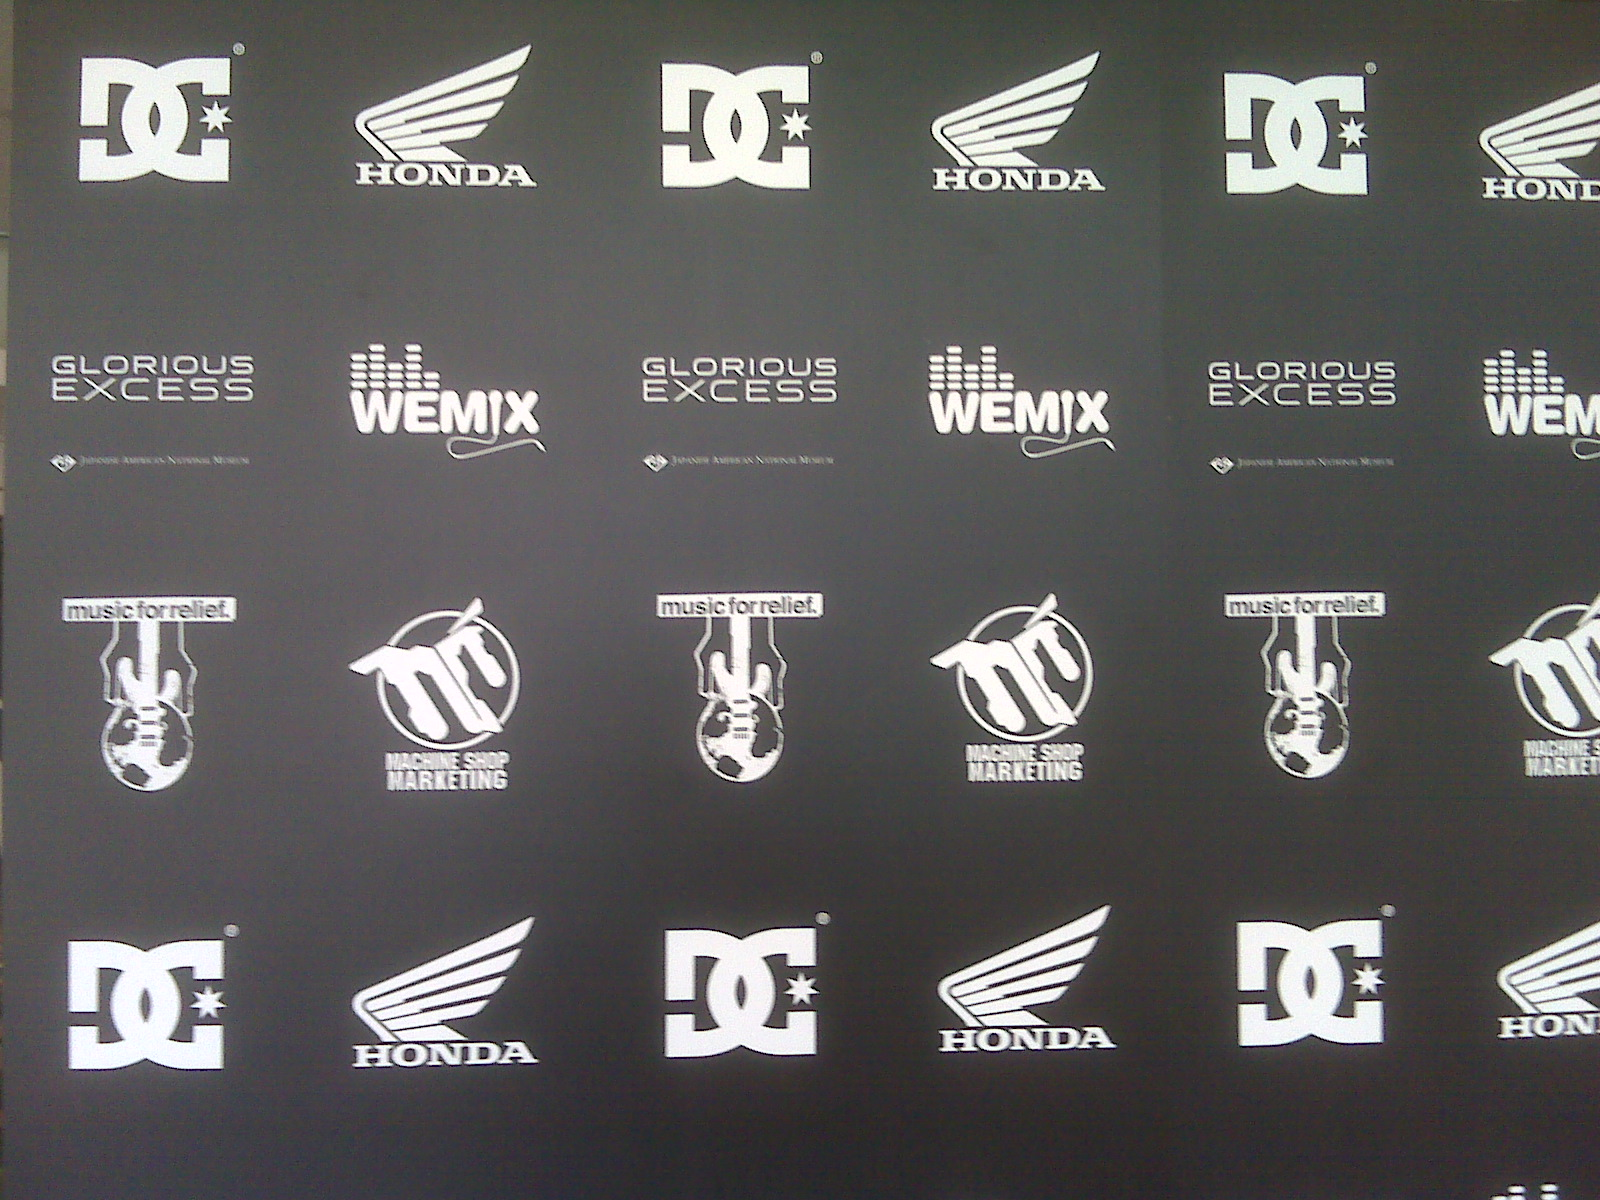 Discrete exhibition sponsors